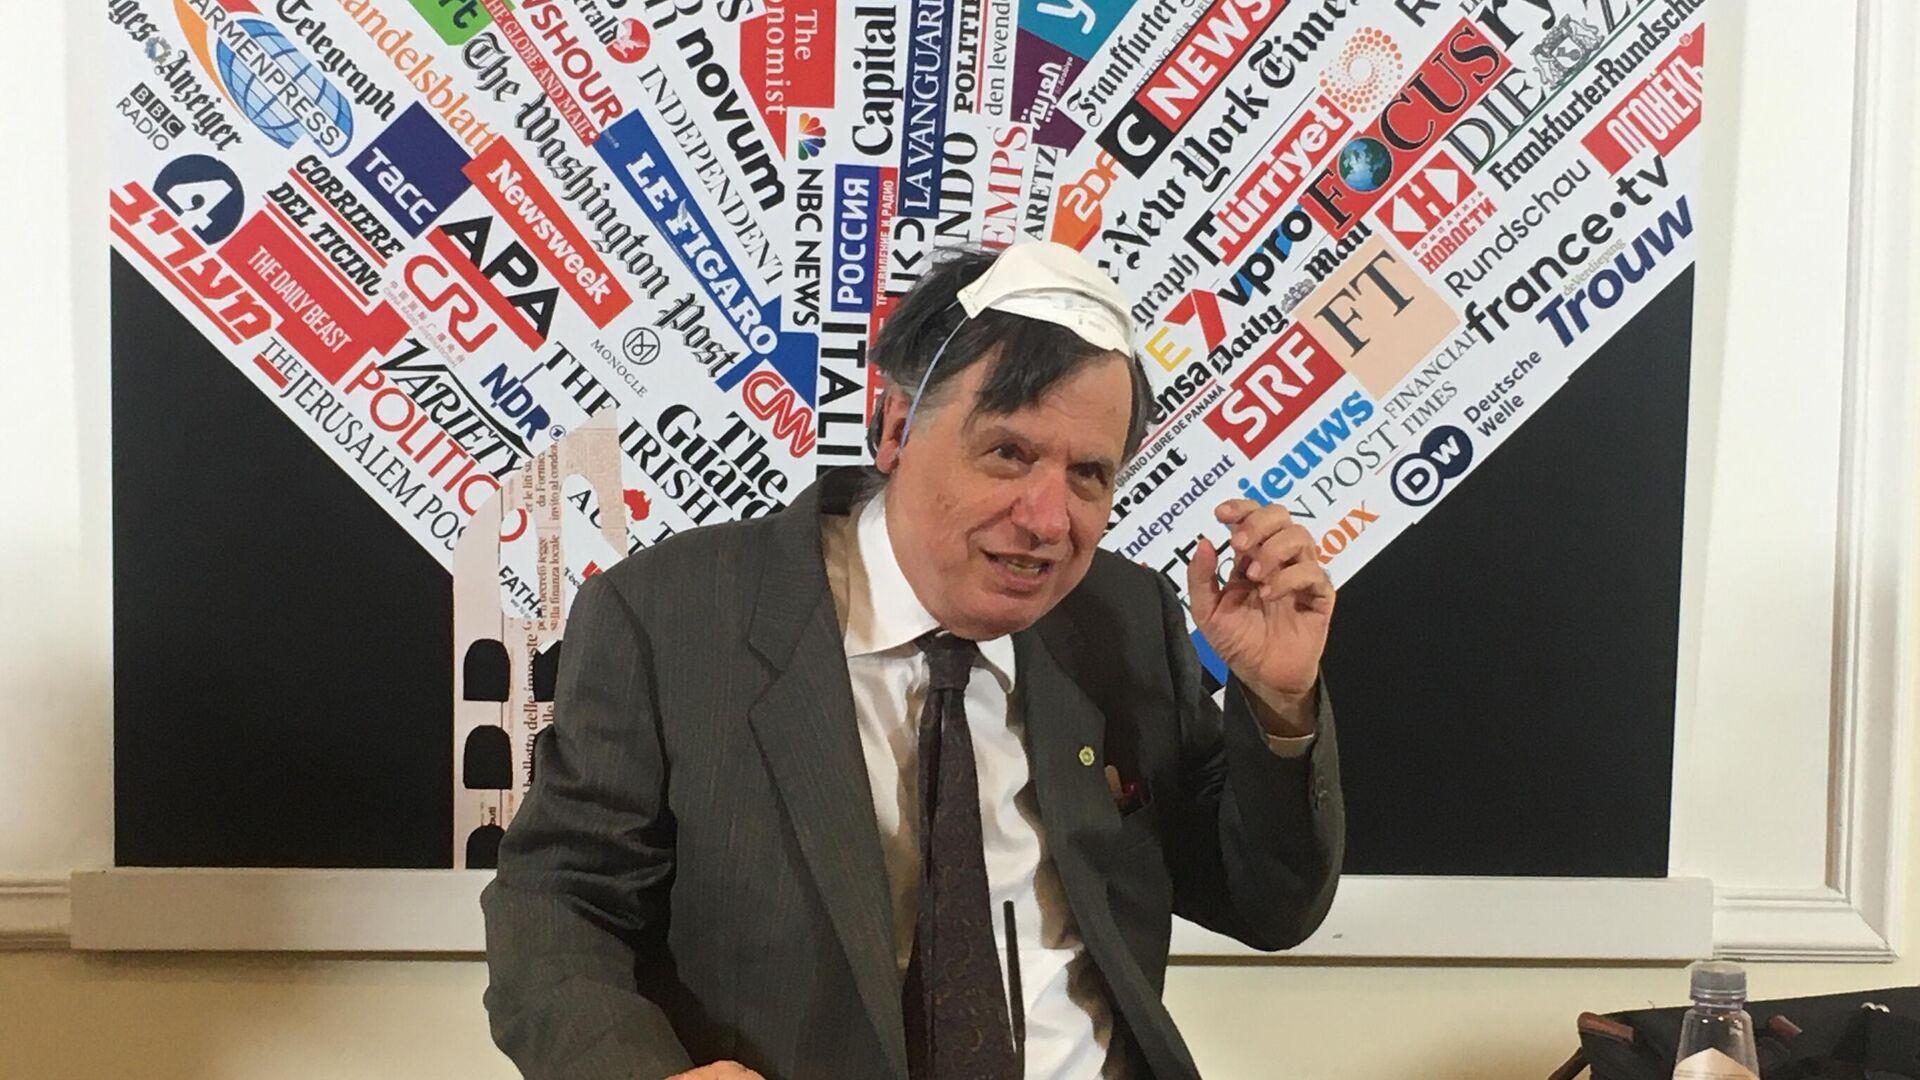 Giorgio Parisi, il Professore emerito dell'Università La Sapienza di Roma e vicepresidente dell'Accademia dei Lincei  - Sputnik Italia, 1920, 09.10.2021